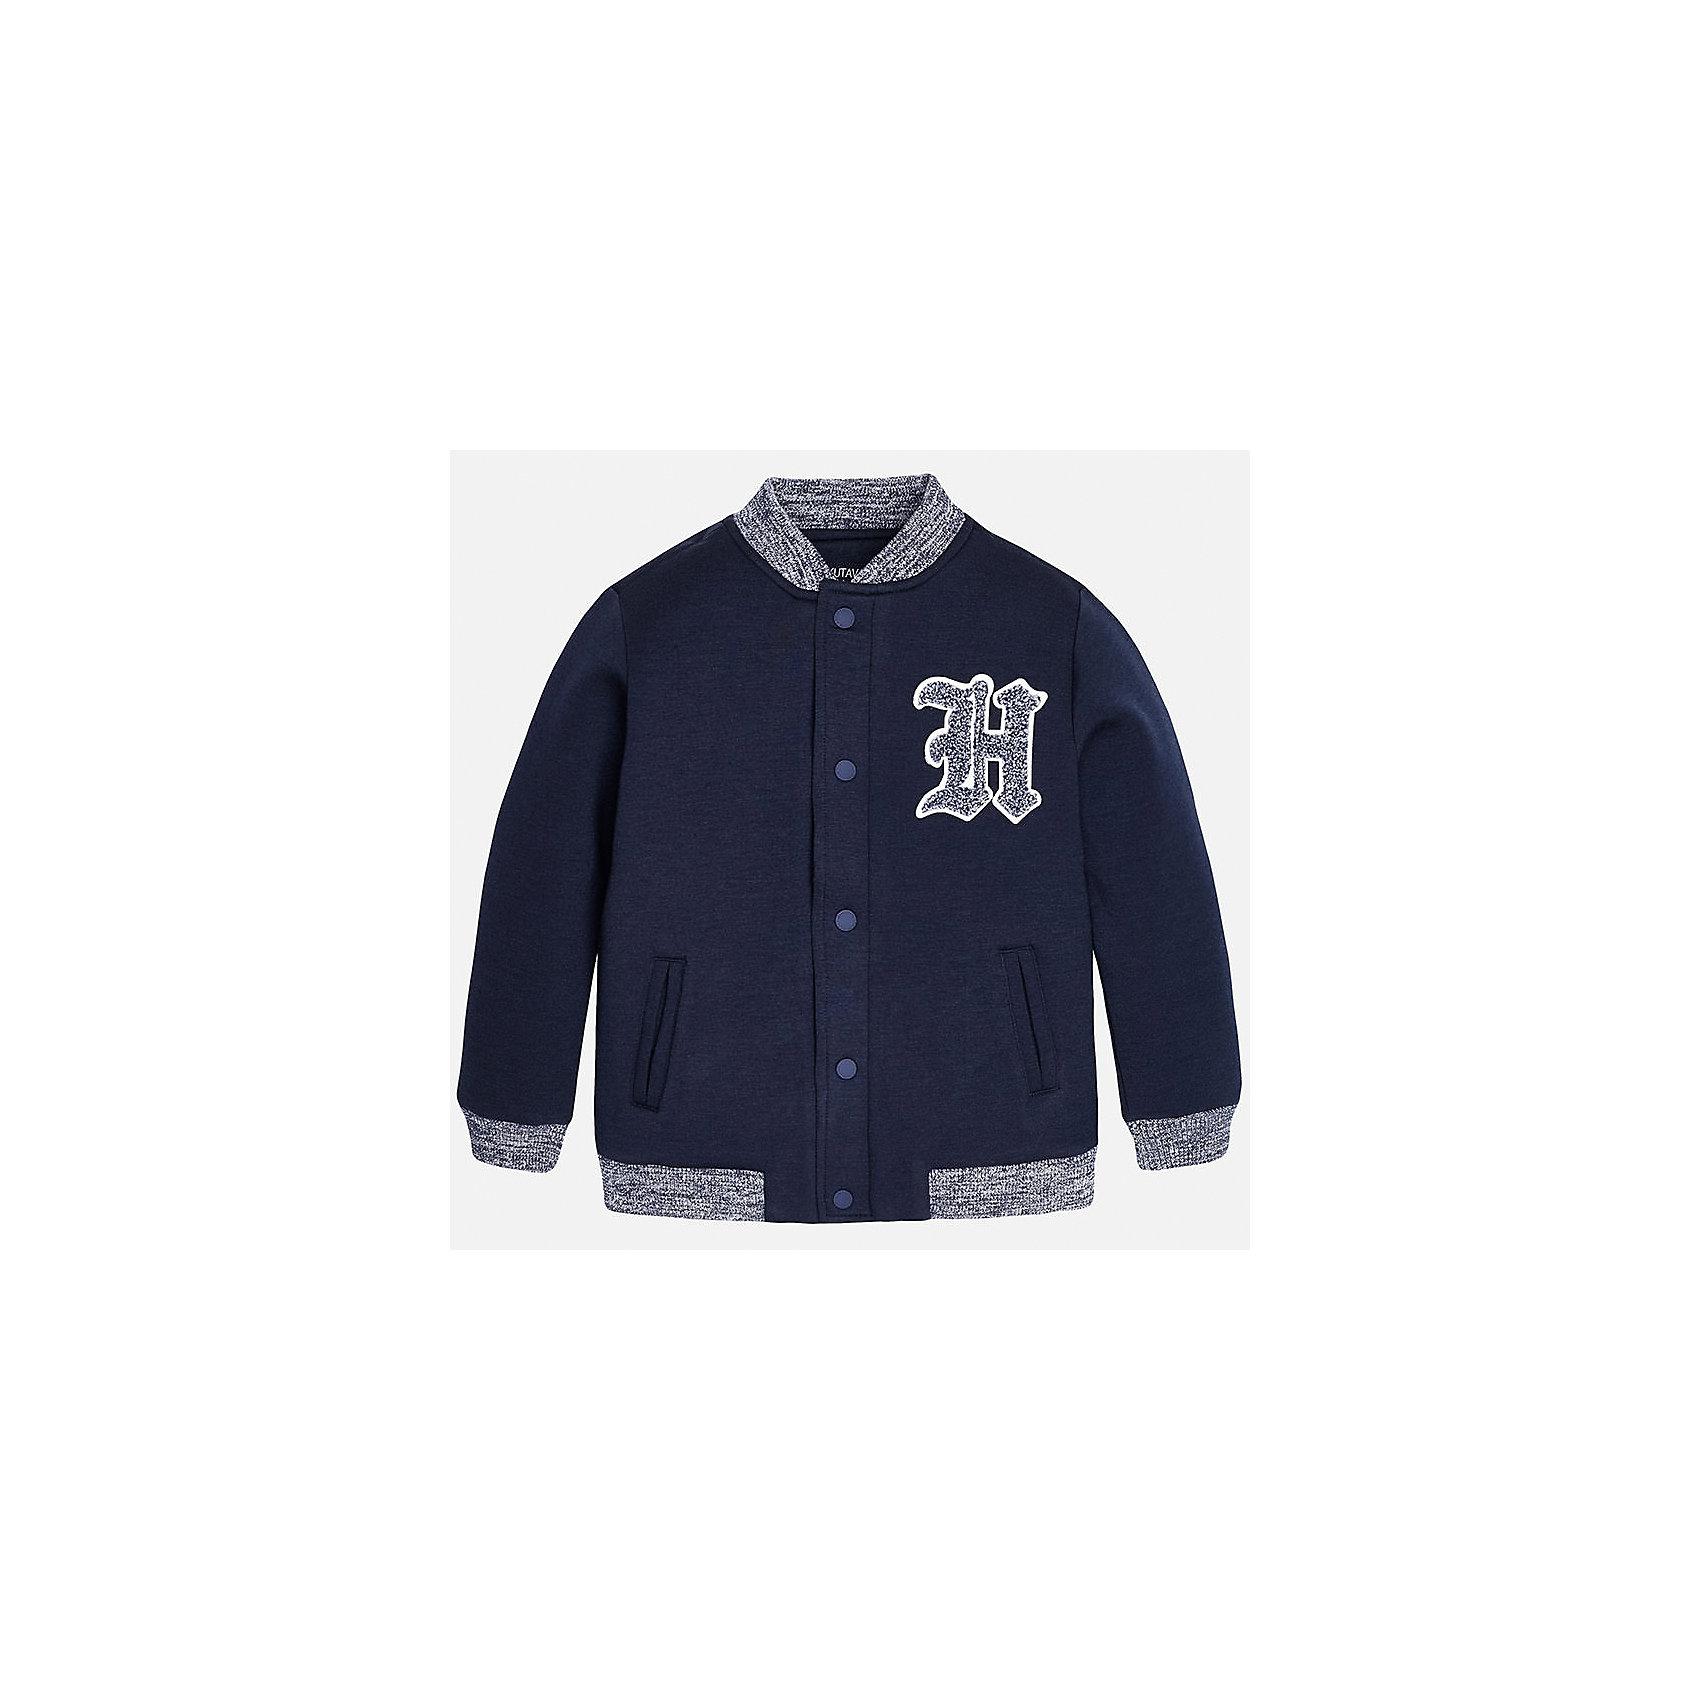 Куртка для мальчика MayoralВерхняя одежда<br>Куртка для мальчика от известного испанского бренда Mayoral(Майорал). Куртка очень удобная, застегивается на кнопки спереди. Есть 2 кармана сбоку, аппликация на груди, резинка на манжетах. Модель украшена аппликацией в виде эмблемы на груди. Отлично подойдет для спортивного образа ребенка!<br><br>Дополнительная информация:<br>Состав: 63% полиэстер, 29% вискоза, 8% эластан<br>Цвет: темно-синий<br>Вы можете приобрести куртку Mayoral(Майорал) в нашем интернет-магазине.<br><br>Ширина мм: 356<br>Глубина мм: 10<br>Высота мм: 245<br>Вес г: 519<br>Цвет: синий<br>Возраст от месяцев: 168<br>Возраст до месяцев: 180<br>Пол: Мужской<br>Возраст: Детский<br>Размер: 164/170,158/164,152/158,128/134,140/146,146/152<br>SKU: 4826996